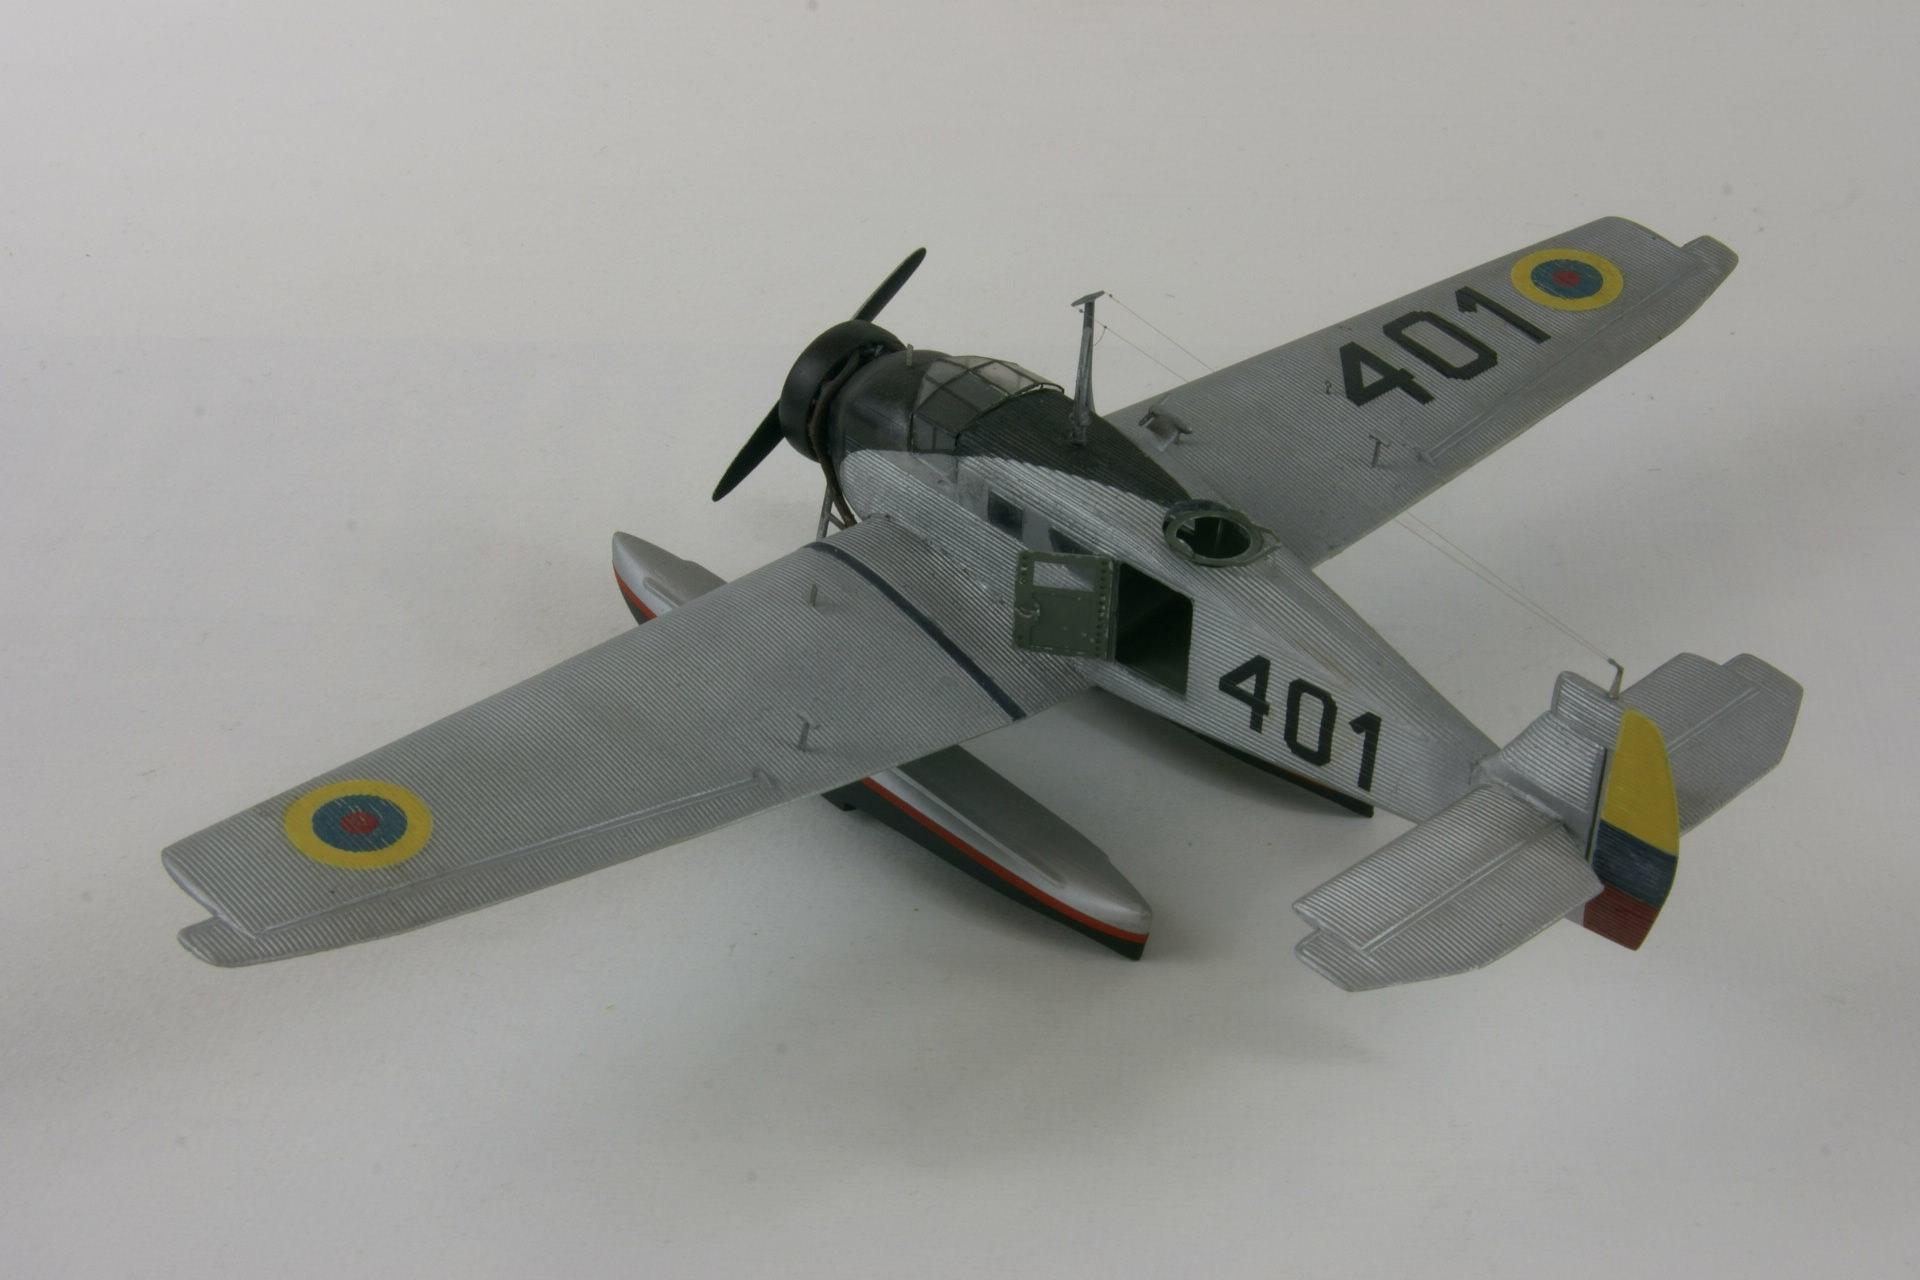 Junkers w 34 k43 2 1